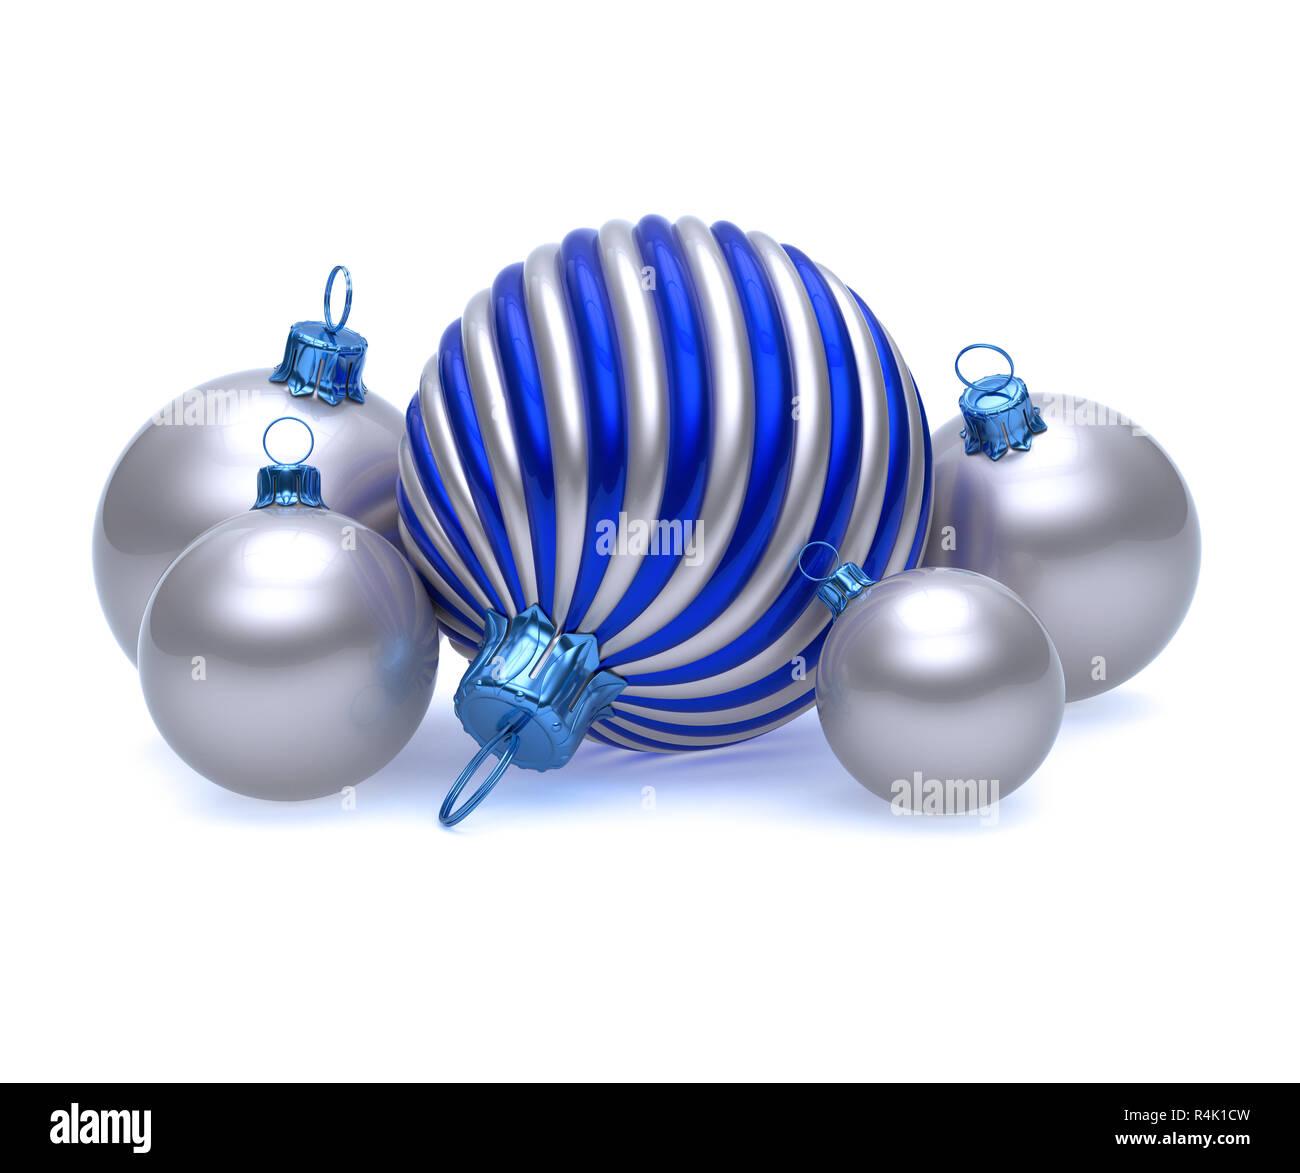 a3725dc59b8 El día de Año Nuevo de Navidad grupo de Bola plateada brillante decoración  azul y blanca